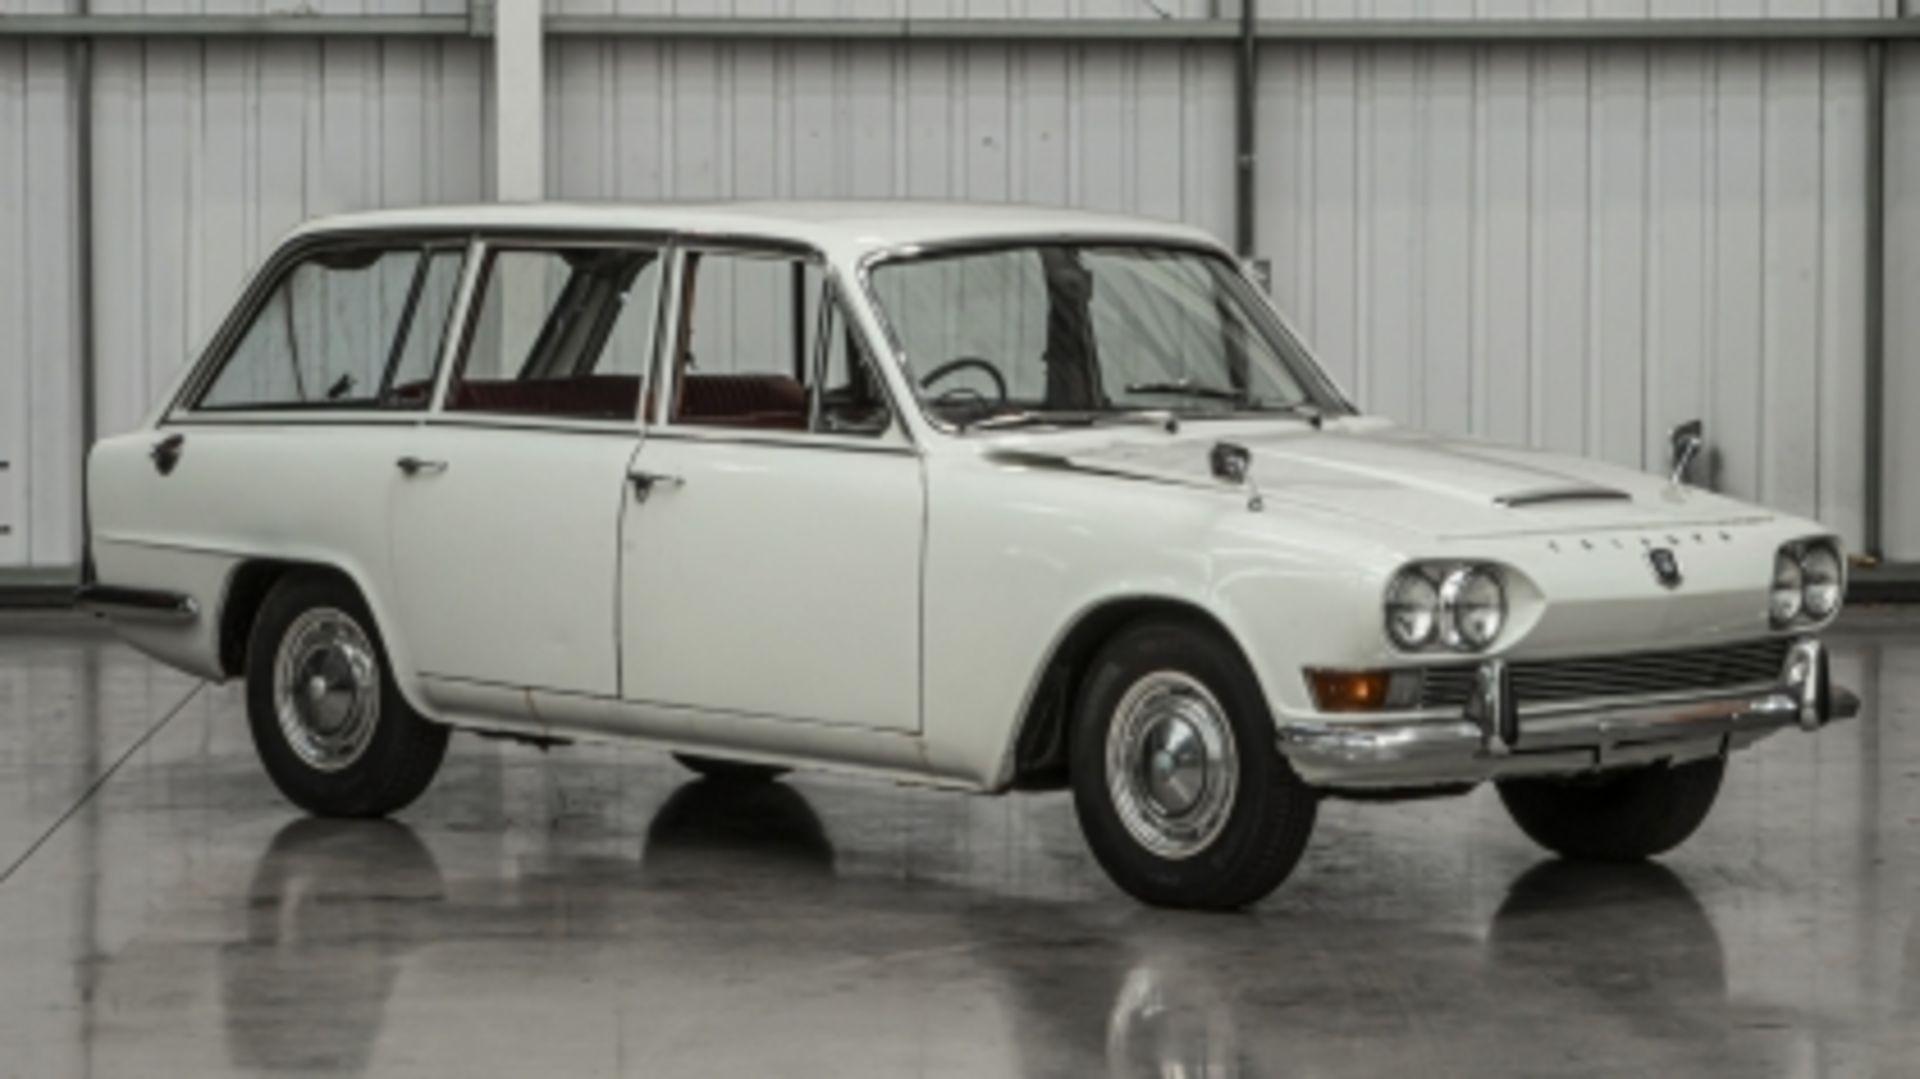 Lot 565 - 1966 Triumph 2000 Estate